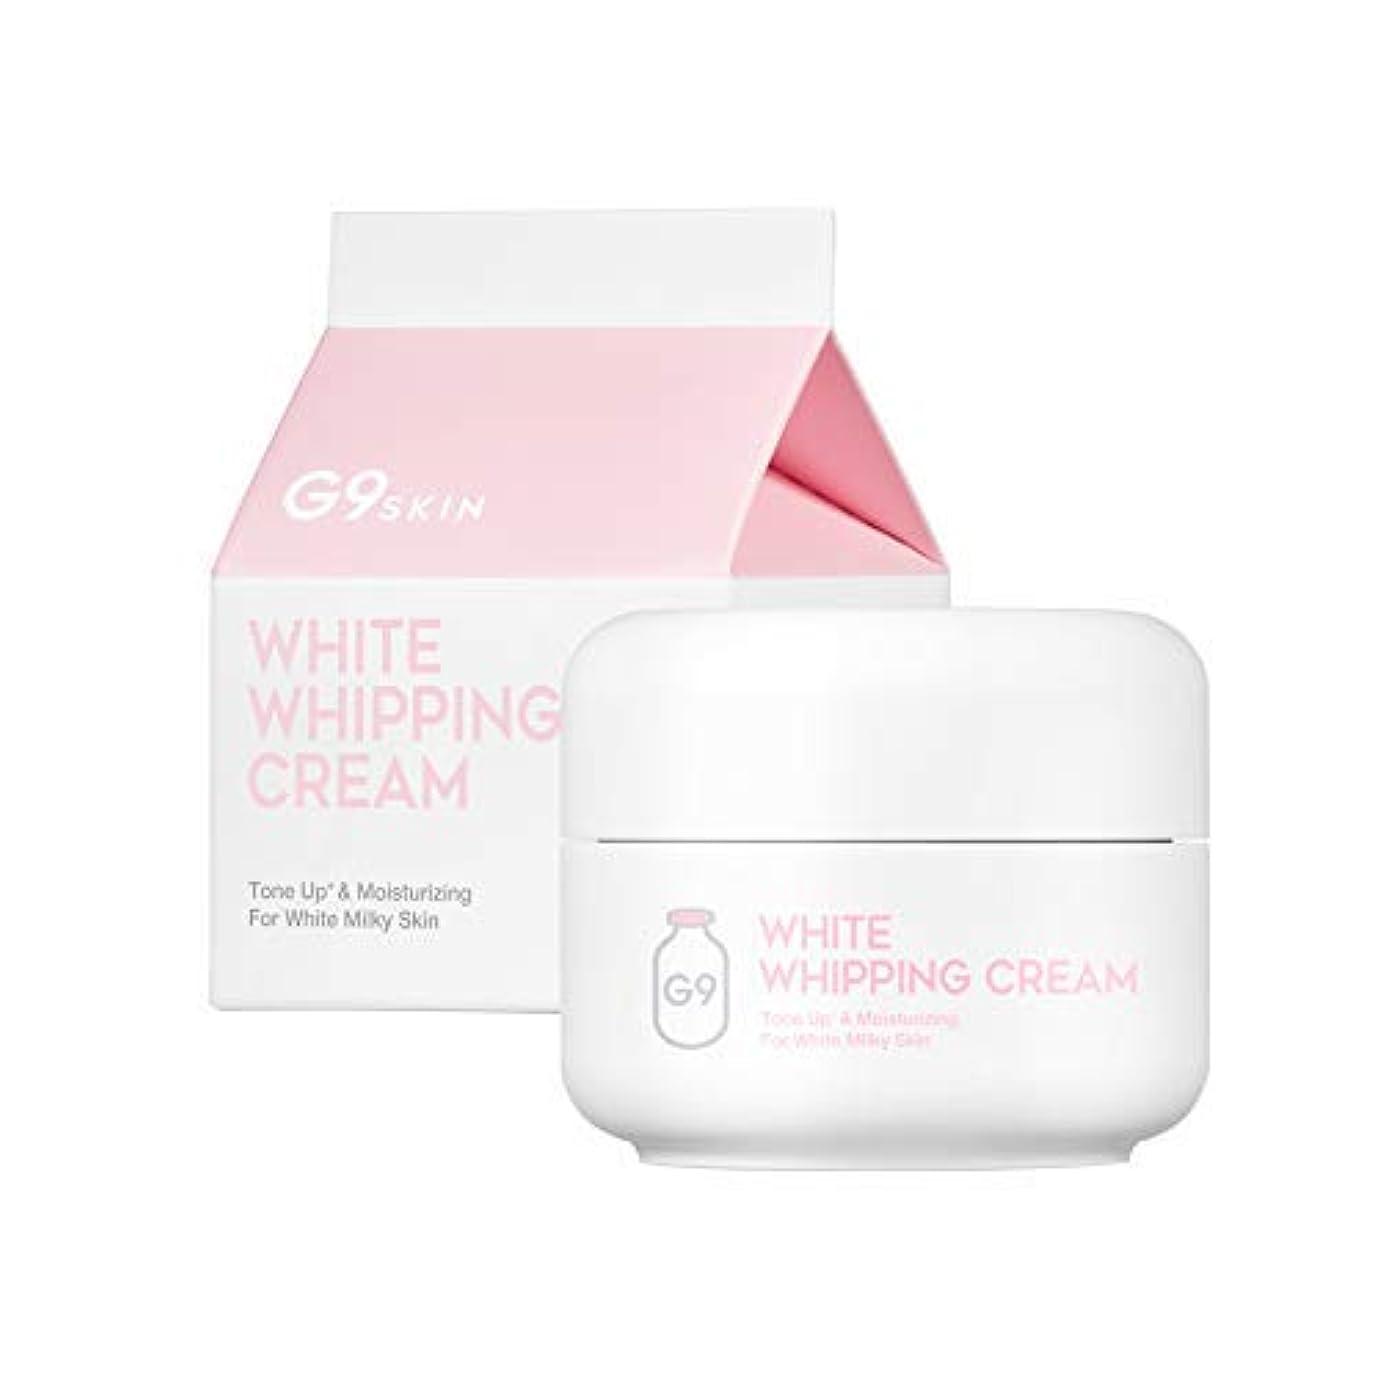 吹雪忘れっぽい幻滅G9 SKIN WHITE WHIPPING CREAM ジーナインスキン ホワイト ホイッピング クリーム 50g お肌 スキン ケア 牛乳 パック ミルク 化粧品 韓国 コスメ